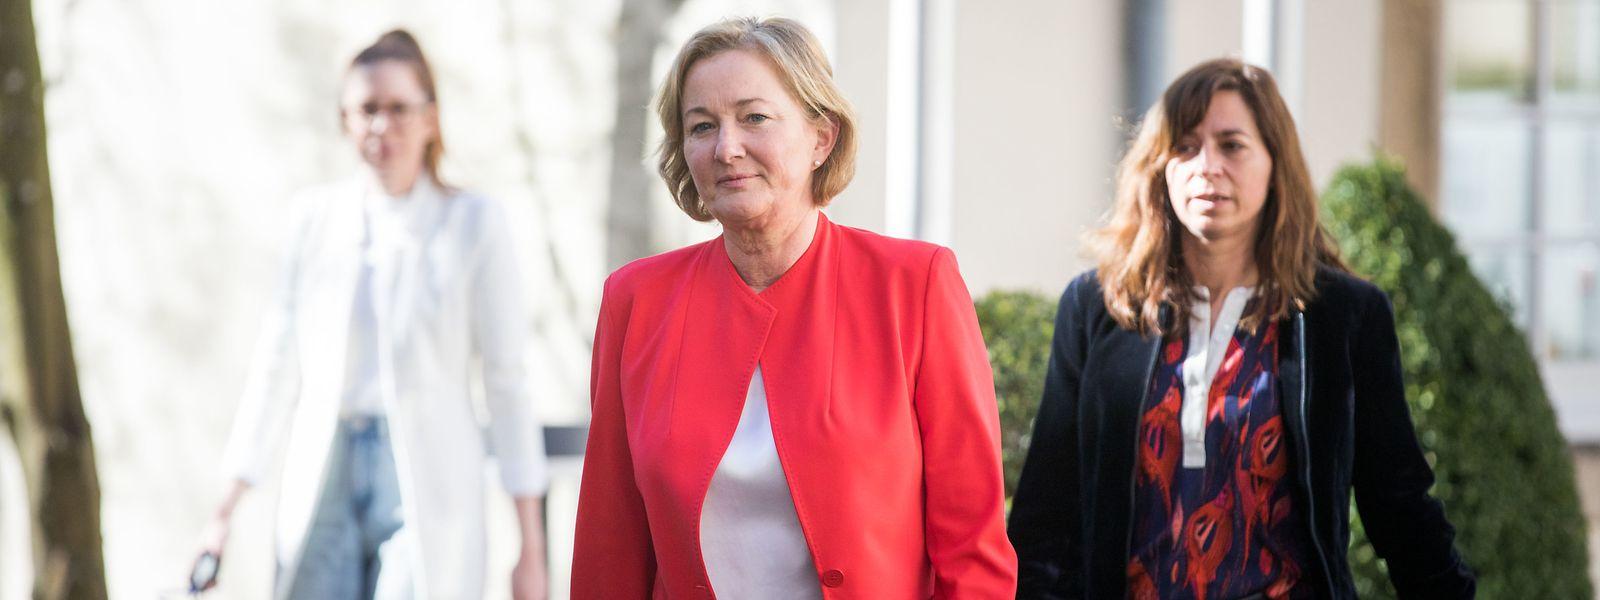 Gesundheitsministerin Paulette Lenert (LSAP) ist seit dem Ausbruch der Corona-Krise im Dauereinsatz.